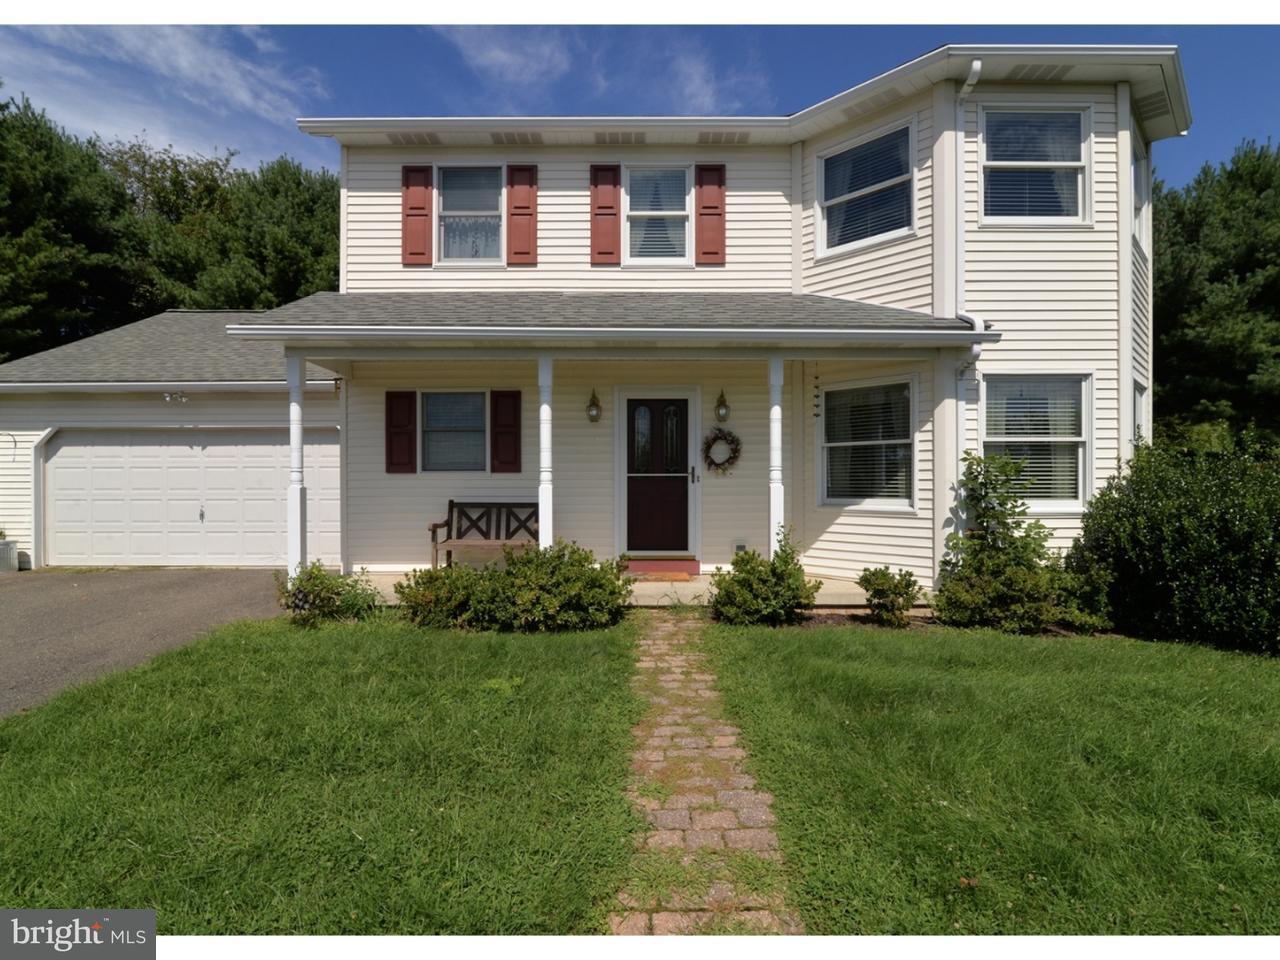 Частный односемейный дом для того Продажа на 2005 EVERGREEN Drive Tamaqua, Пенсильвания 18252 Соединенные Штаты